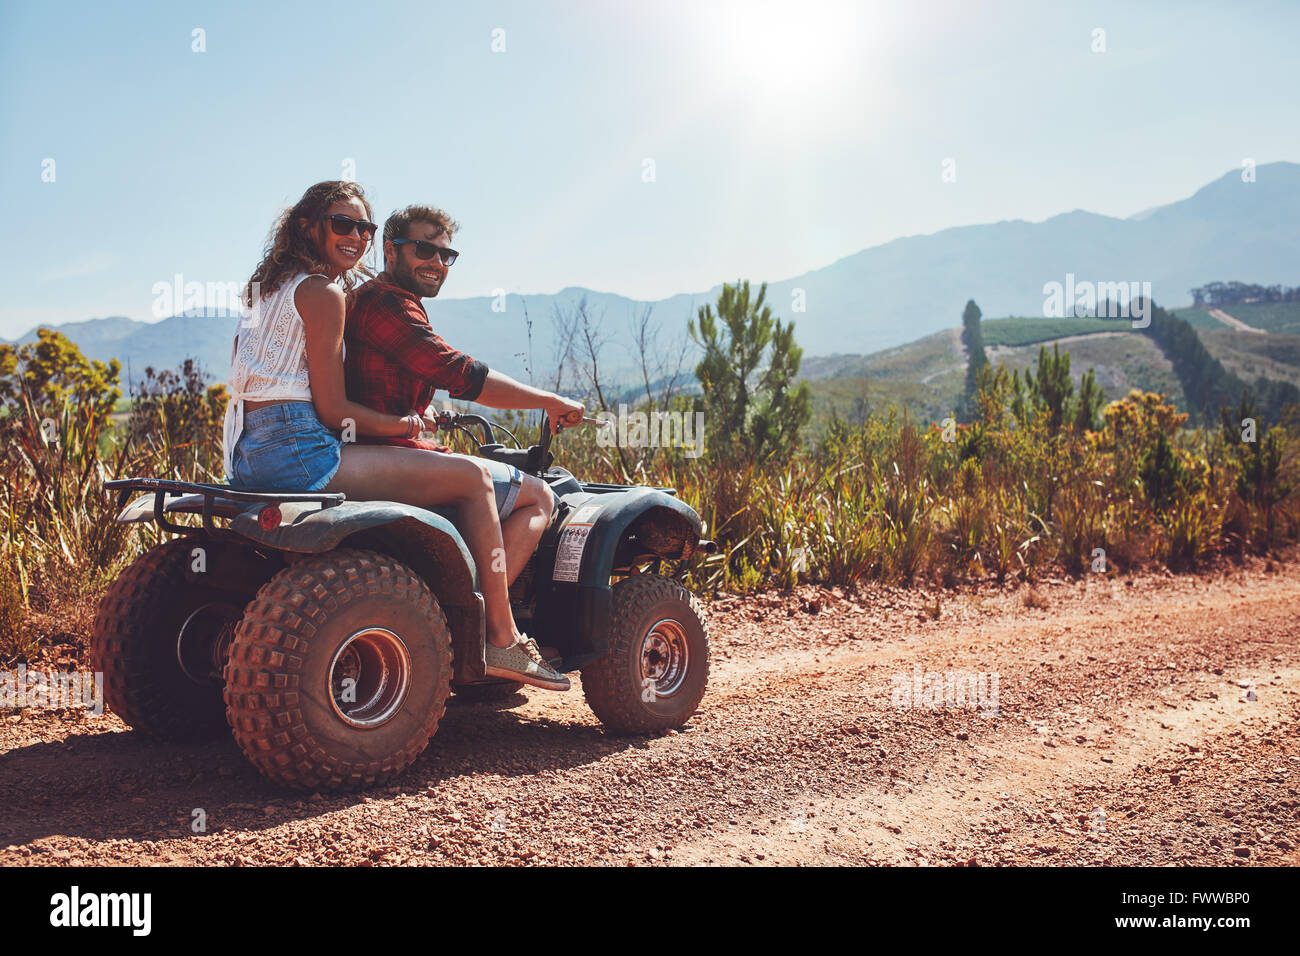 Porträt von Liebespaar in der Natur auf einer off-Road Fahrzeug. Junger Mann und Frau genießen ein Quad Stockbild